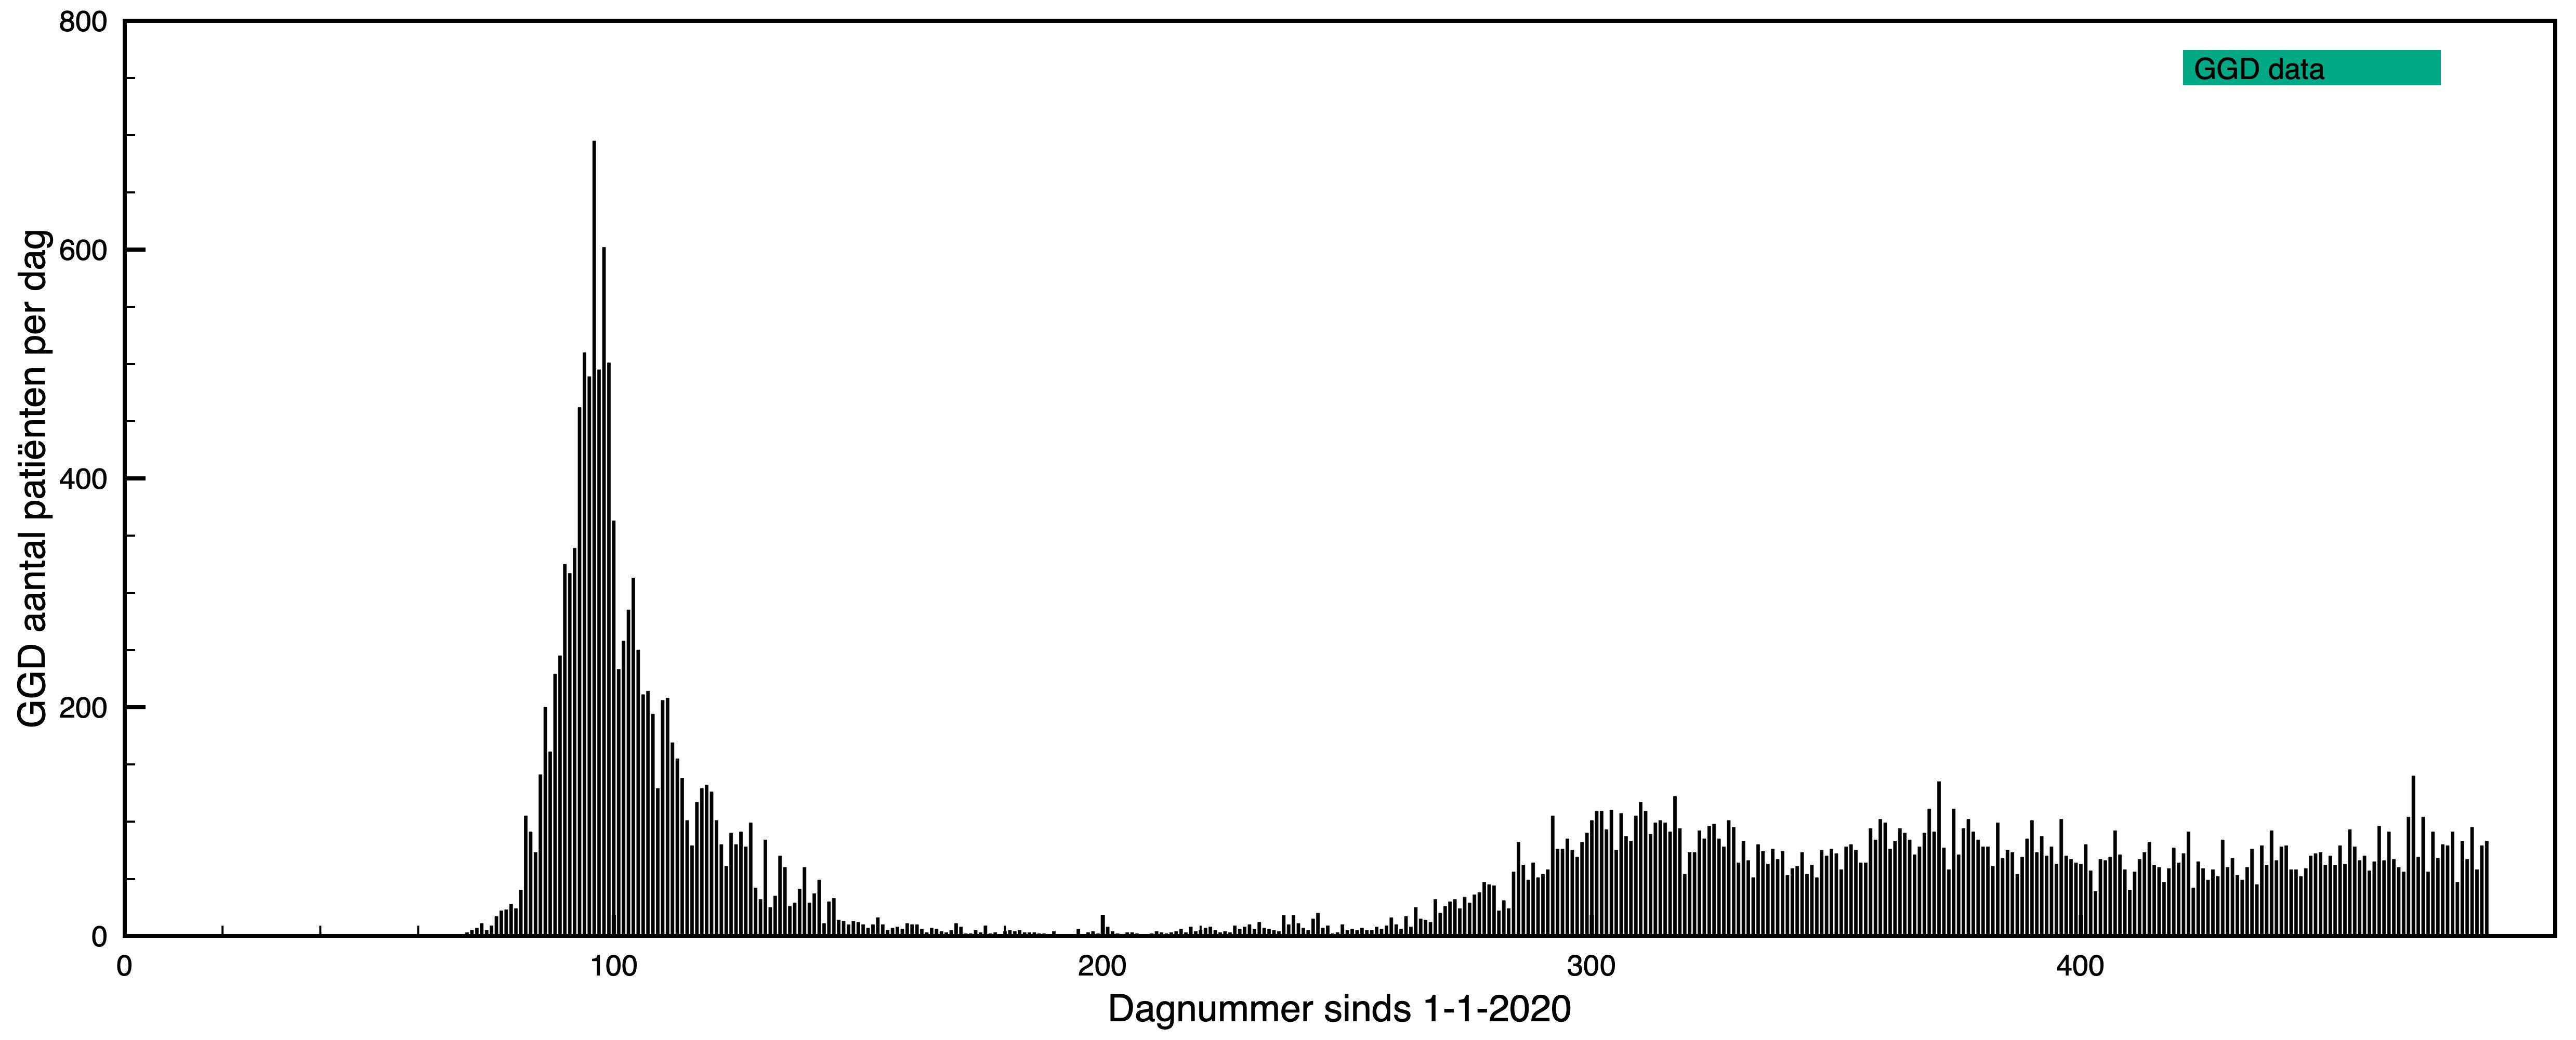 Epidemie Huisartsen- en GGD-data vergeleken griepachtige klachten infecties zonder PCR testen grenzen aan de capaciteit gezondheidszorg